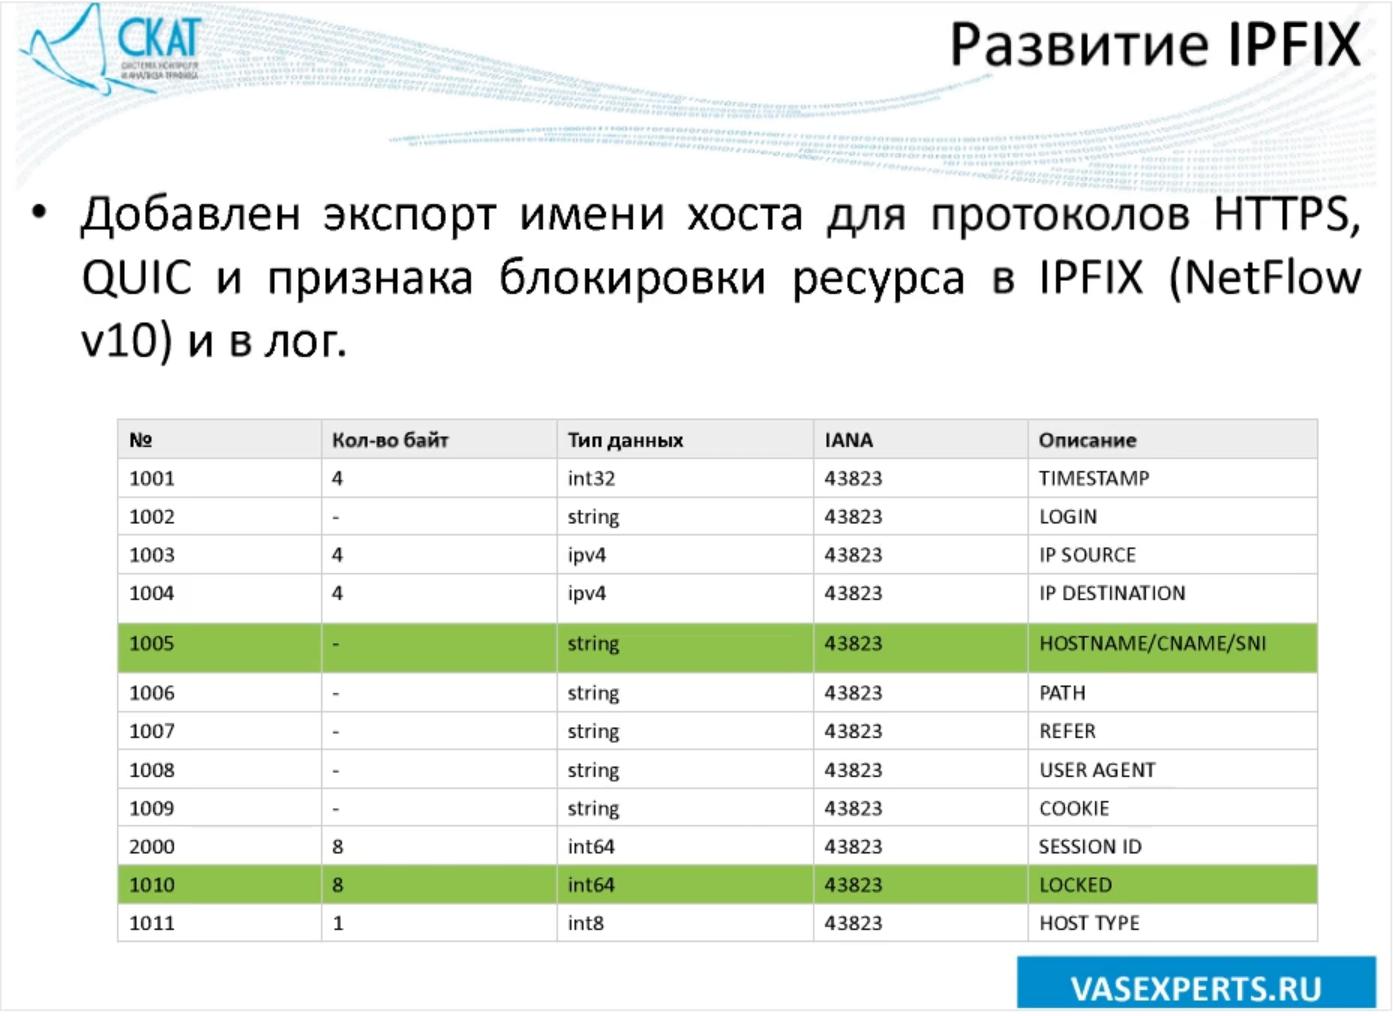 Новые возможности продукта СКАТ DPI 6.0 «Севастополь» от VAS Experts - 3